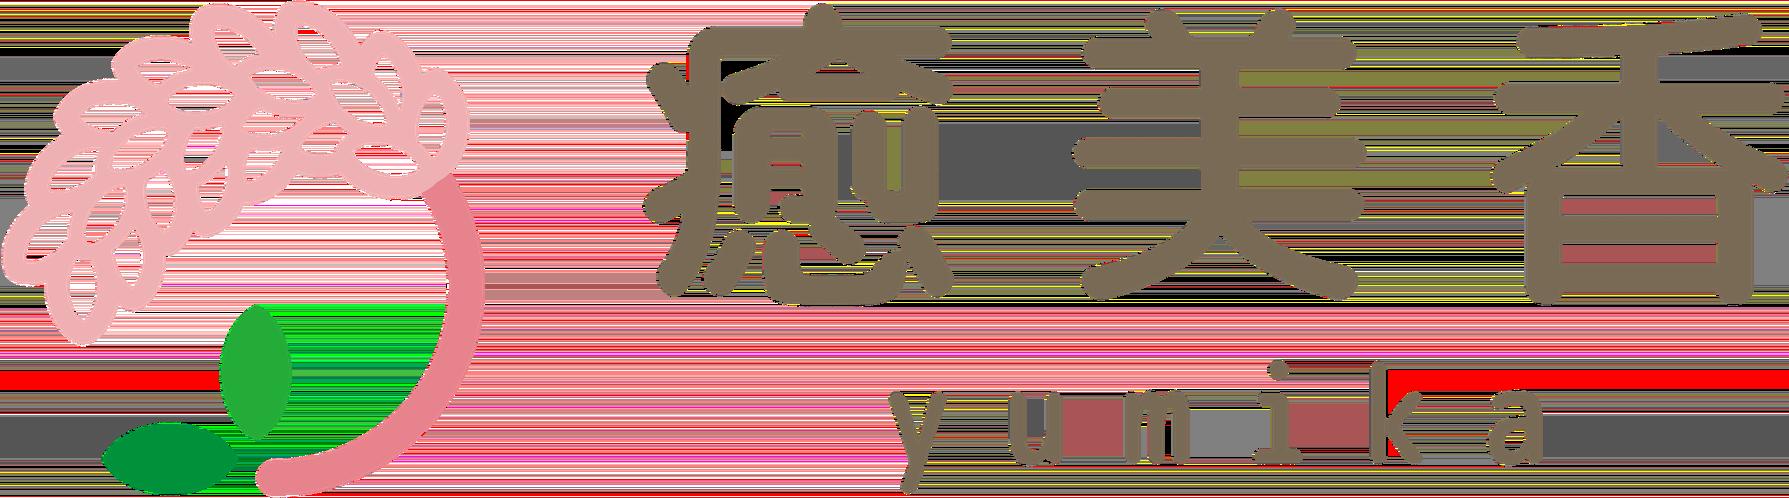 八王子のアロマ・リンパトリートメント&脳休ヘッドマッサージ サロン癒美香(ゆみか)